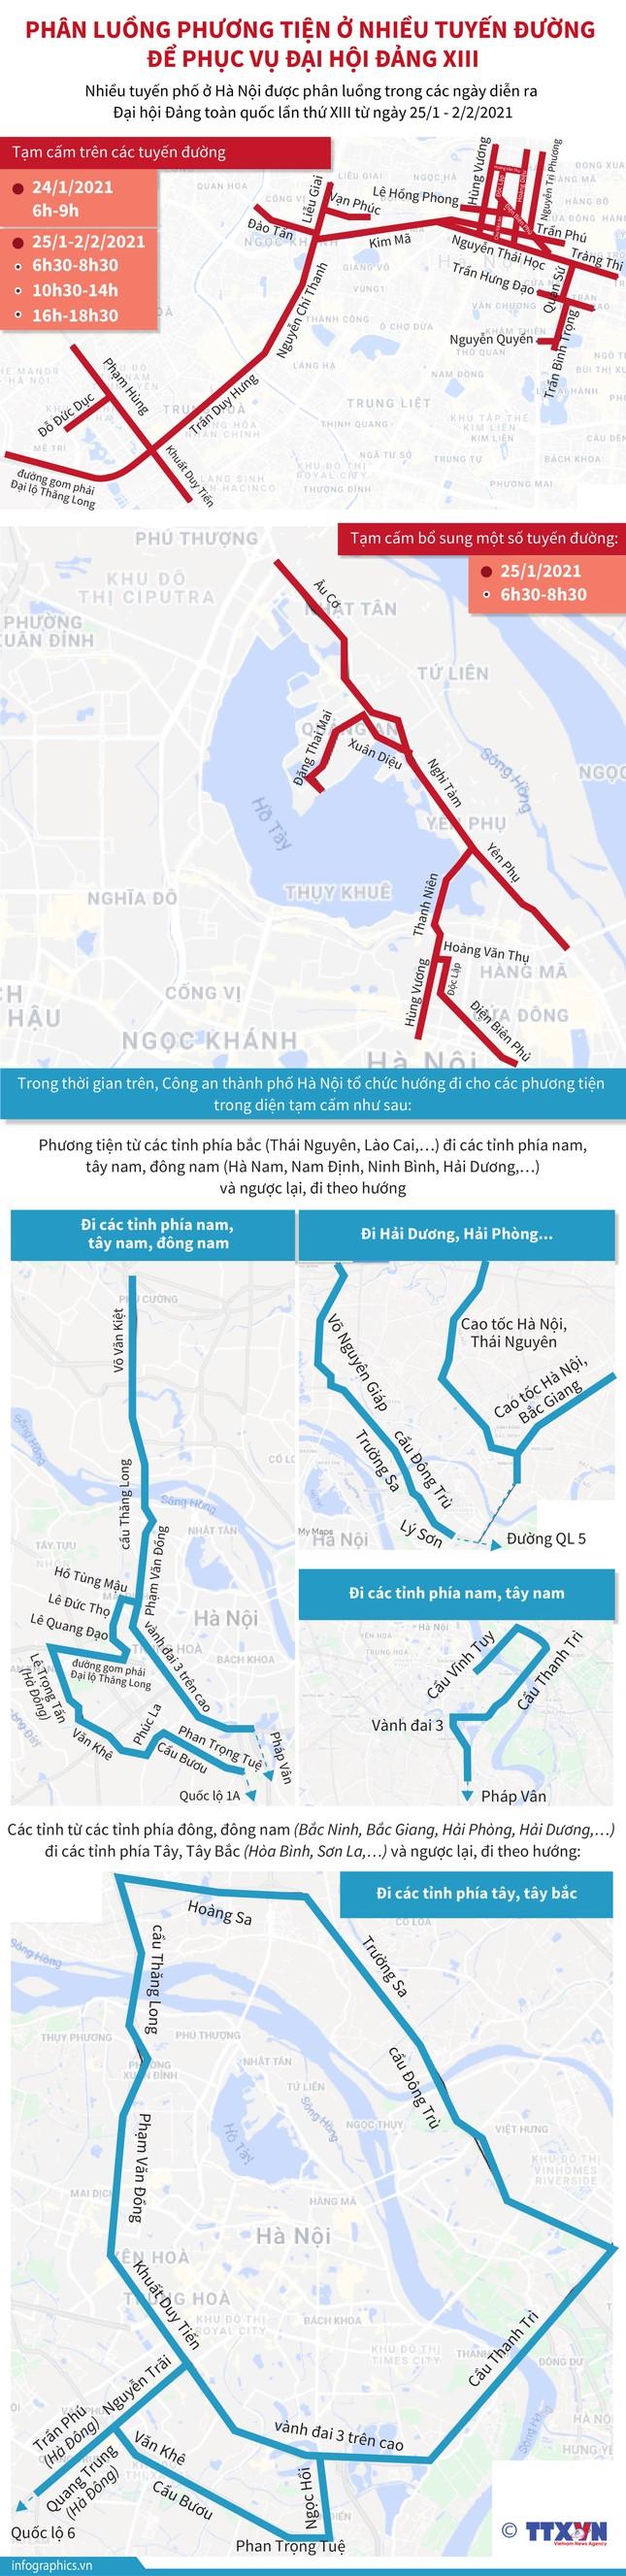 Hà Nội phân luồng giao thông phục vụ Đại hội Đảng XIII ảnh 1